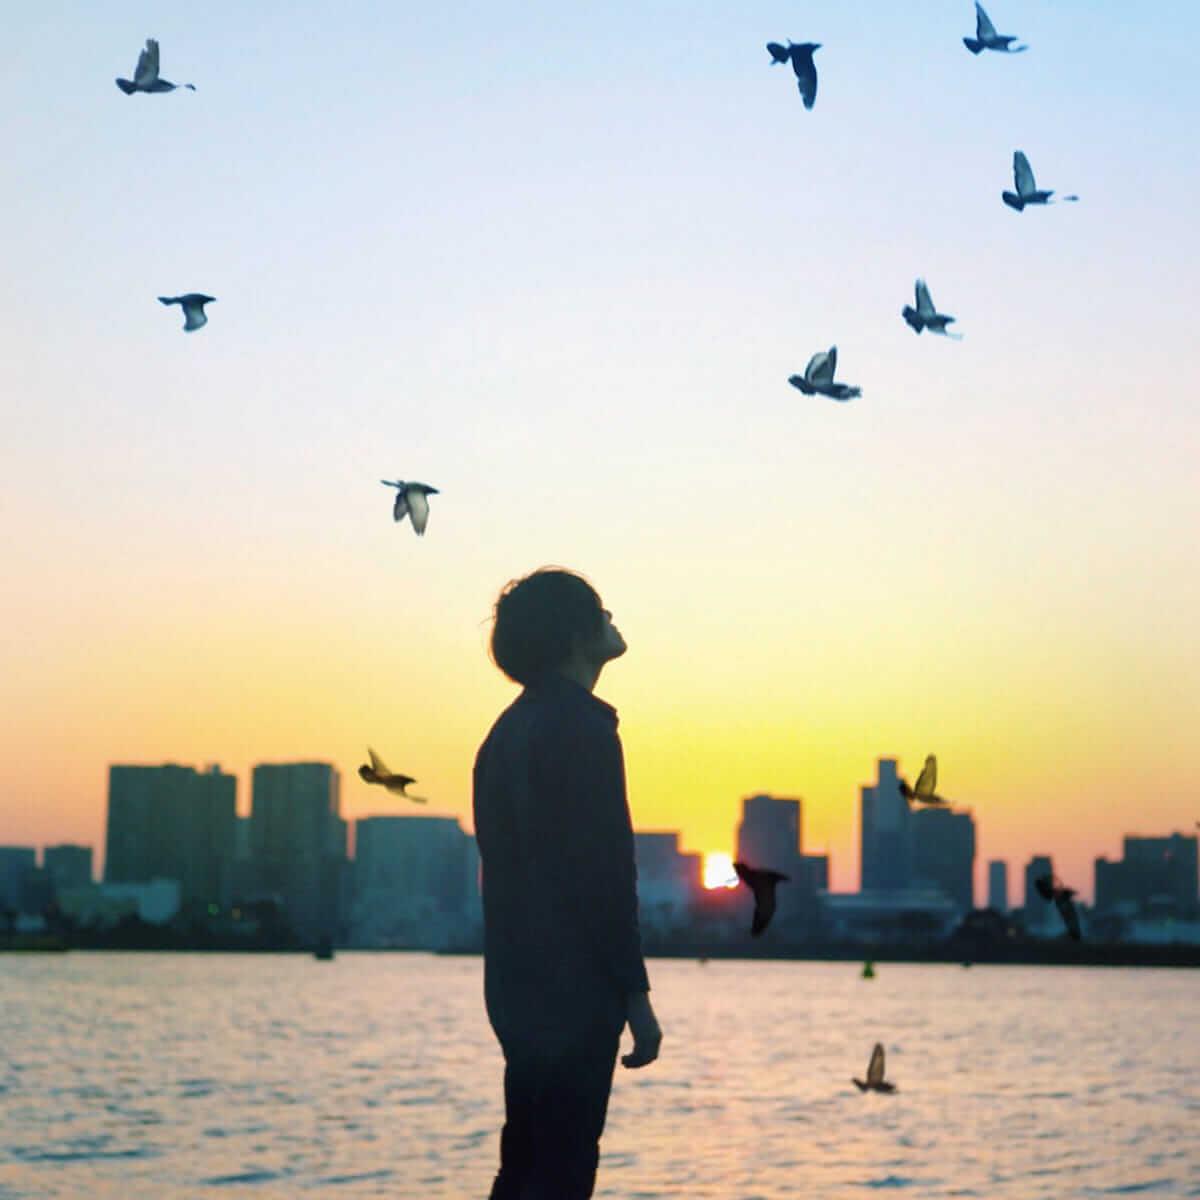 「風景を感じる音楽」をテーマにしたイベント<タビノエ-きこえる音、うかぶ風景->が開催!ライブでは「布」に映像を投影する演出 music180810_tabinoe_05-1200x1200